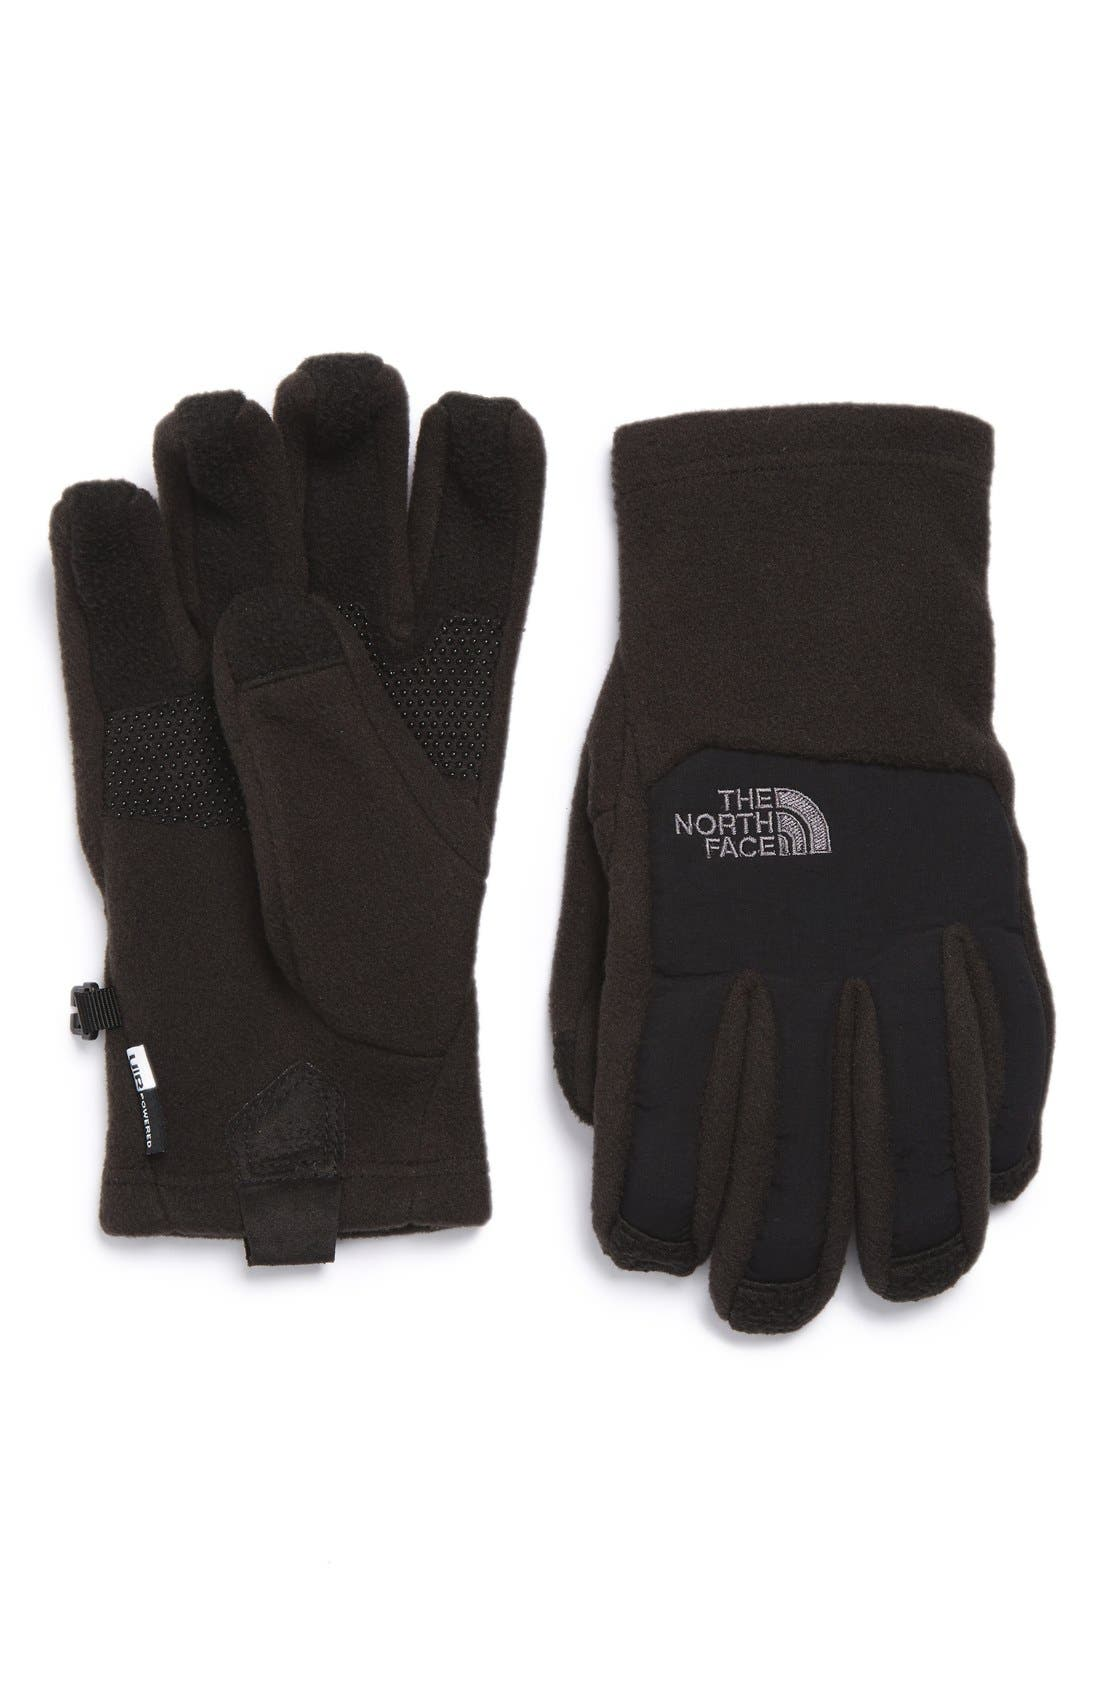 Denali E-Tip Fleece Tech Gloves,                         Main,                         color, Tnf Black